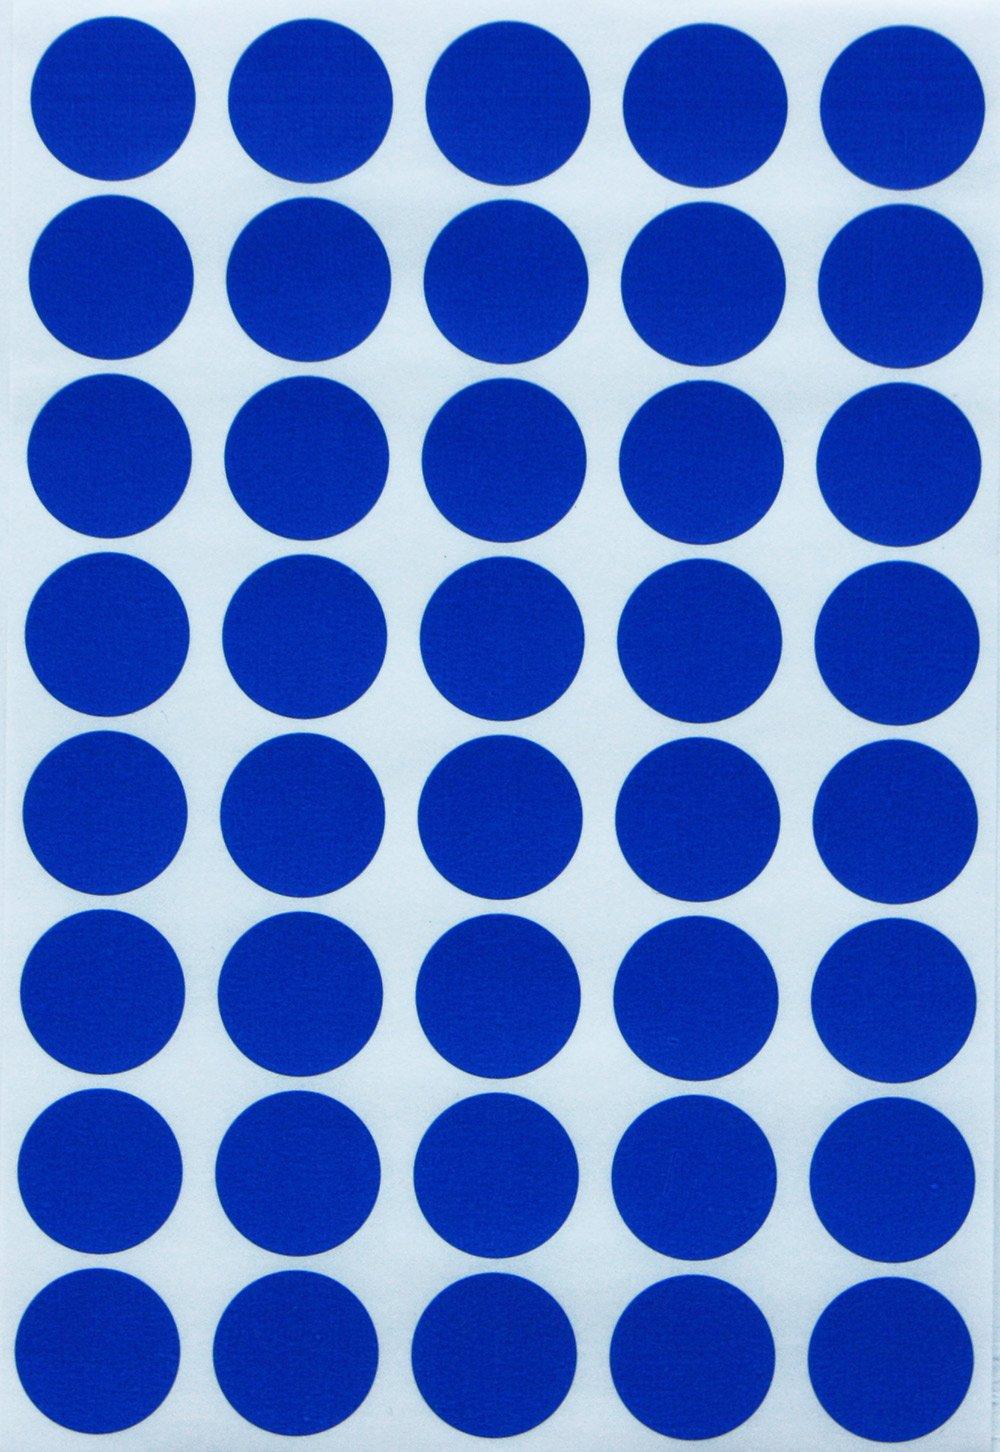 Runde Sticker ~ 19mm in verschiedenen Farben Gr/ö/ße 1,9cm Durchmesser Klebepunkte von Royal Green Neon Rot, 280